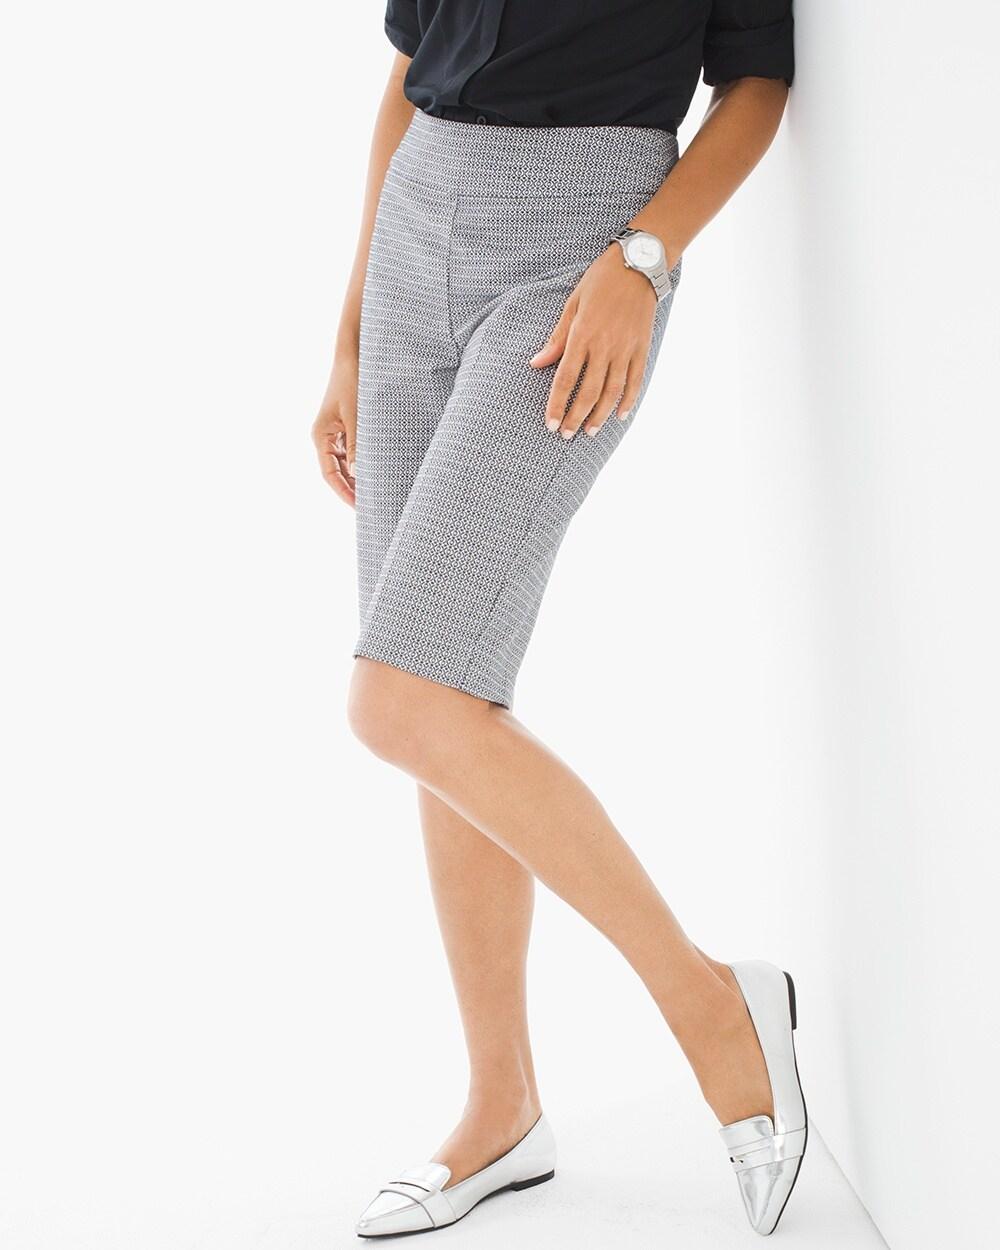 Brigitte Jacquard Shorts 11 Inch Inseam Chicos